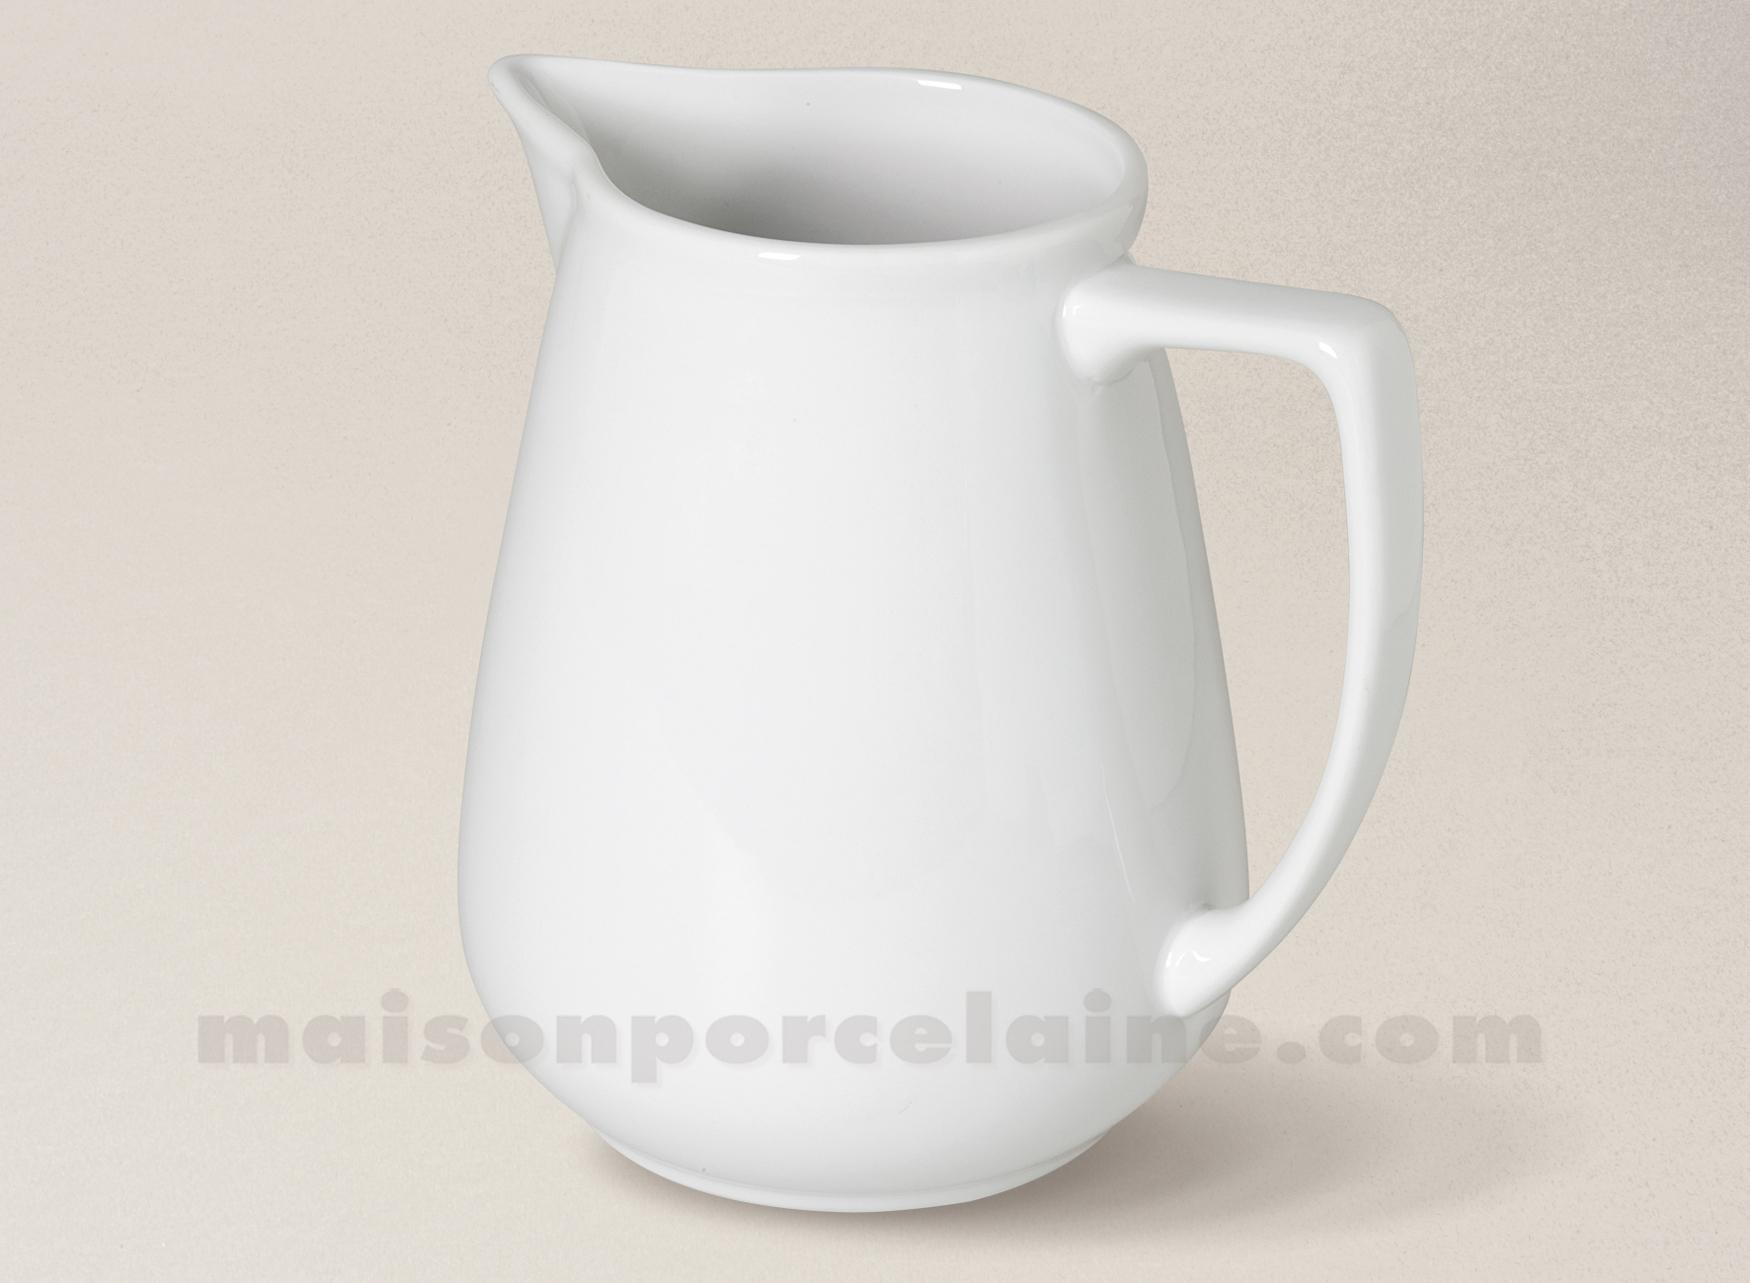 Pichet porcelaine blanche sologne h15cm 95cl maison de for Maison de la porcelaine